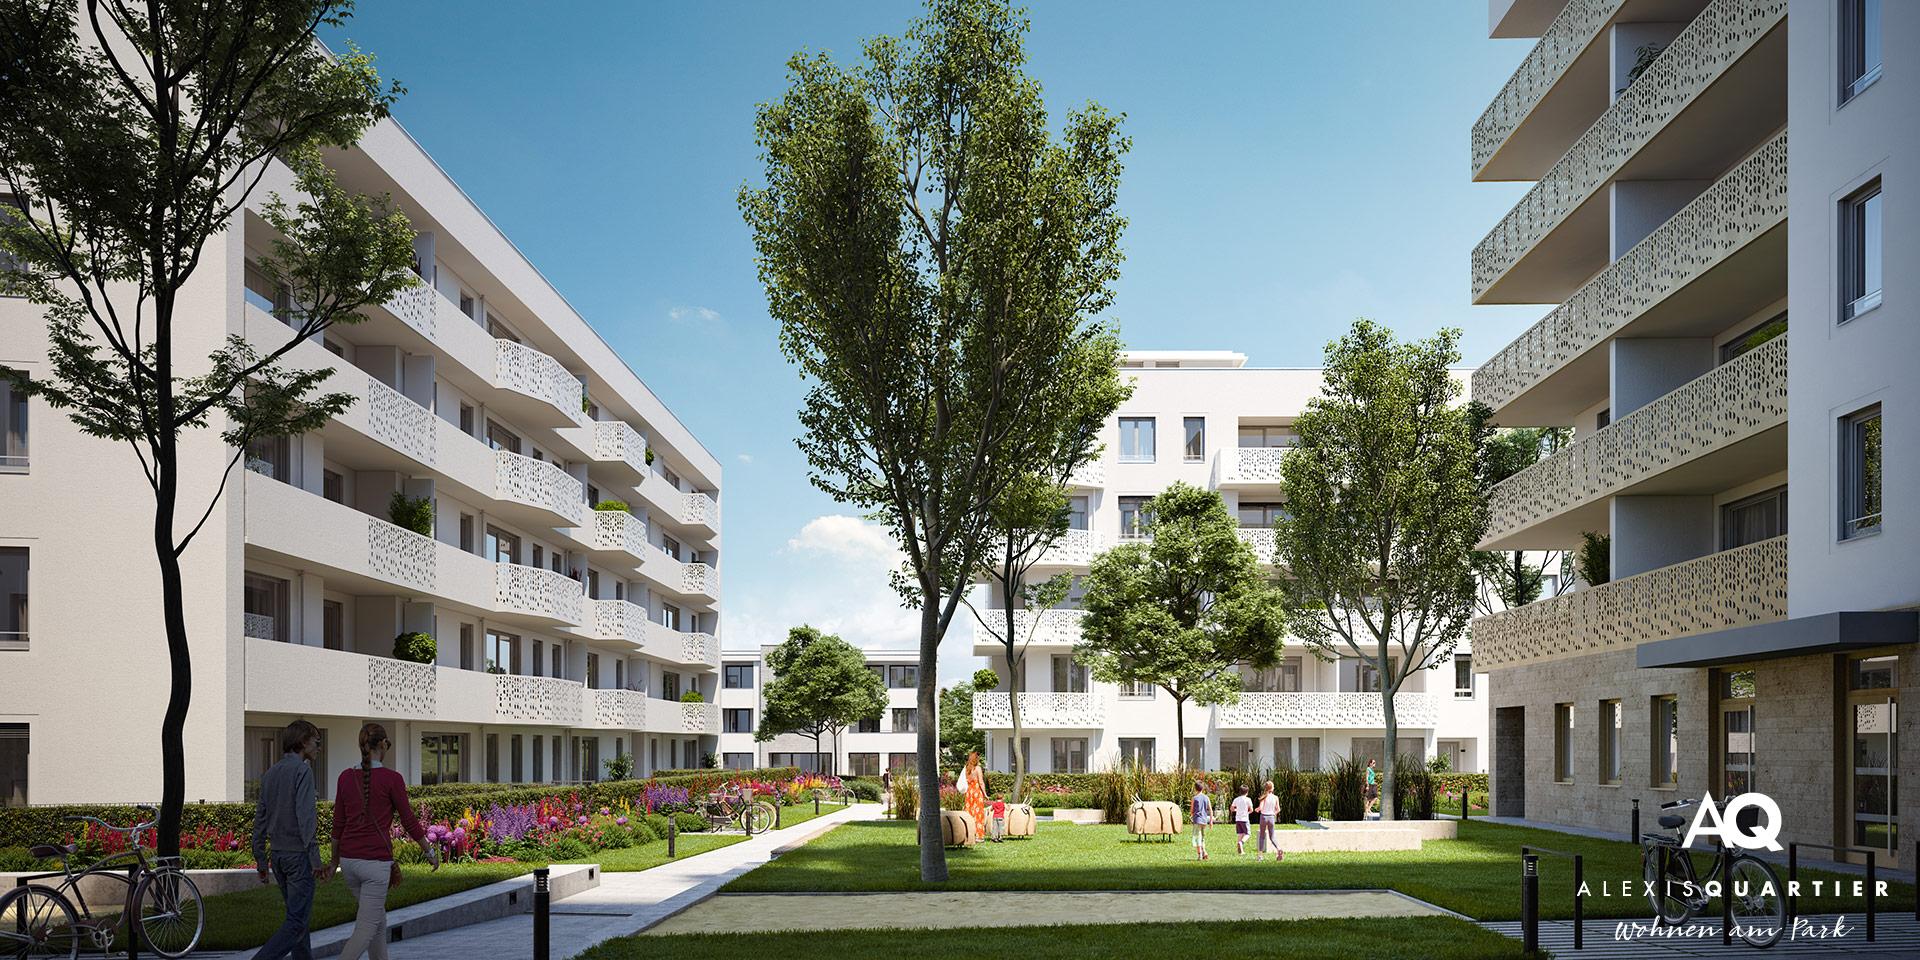 Eigentumswohnungen München: Alexisquartier - Wohnen am Park